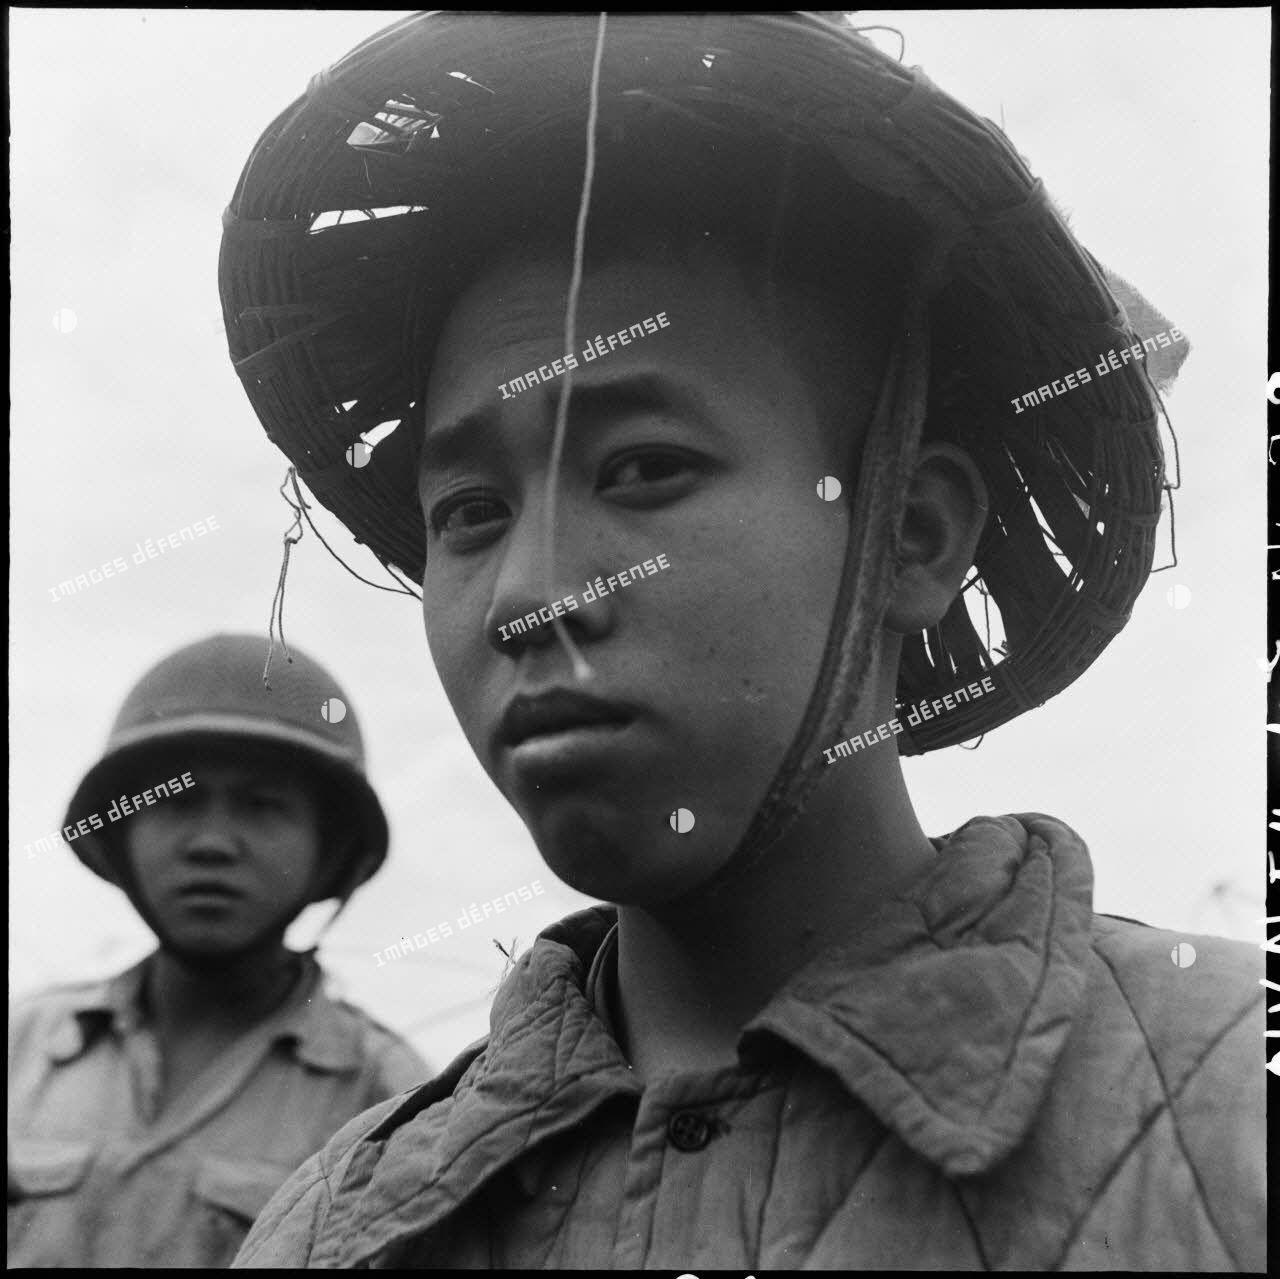 Portrait d'un soldat Viêt-minh, fait prisonnier lors de l'ouverture de la route au sud de Diên Biên Phu, tracée pour rejoindre la colline Isabelle.